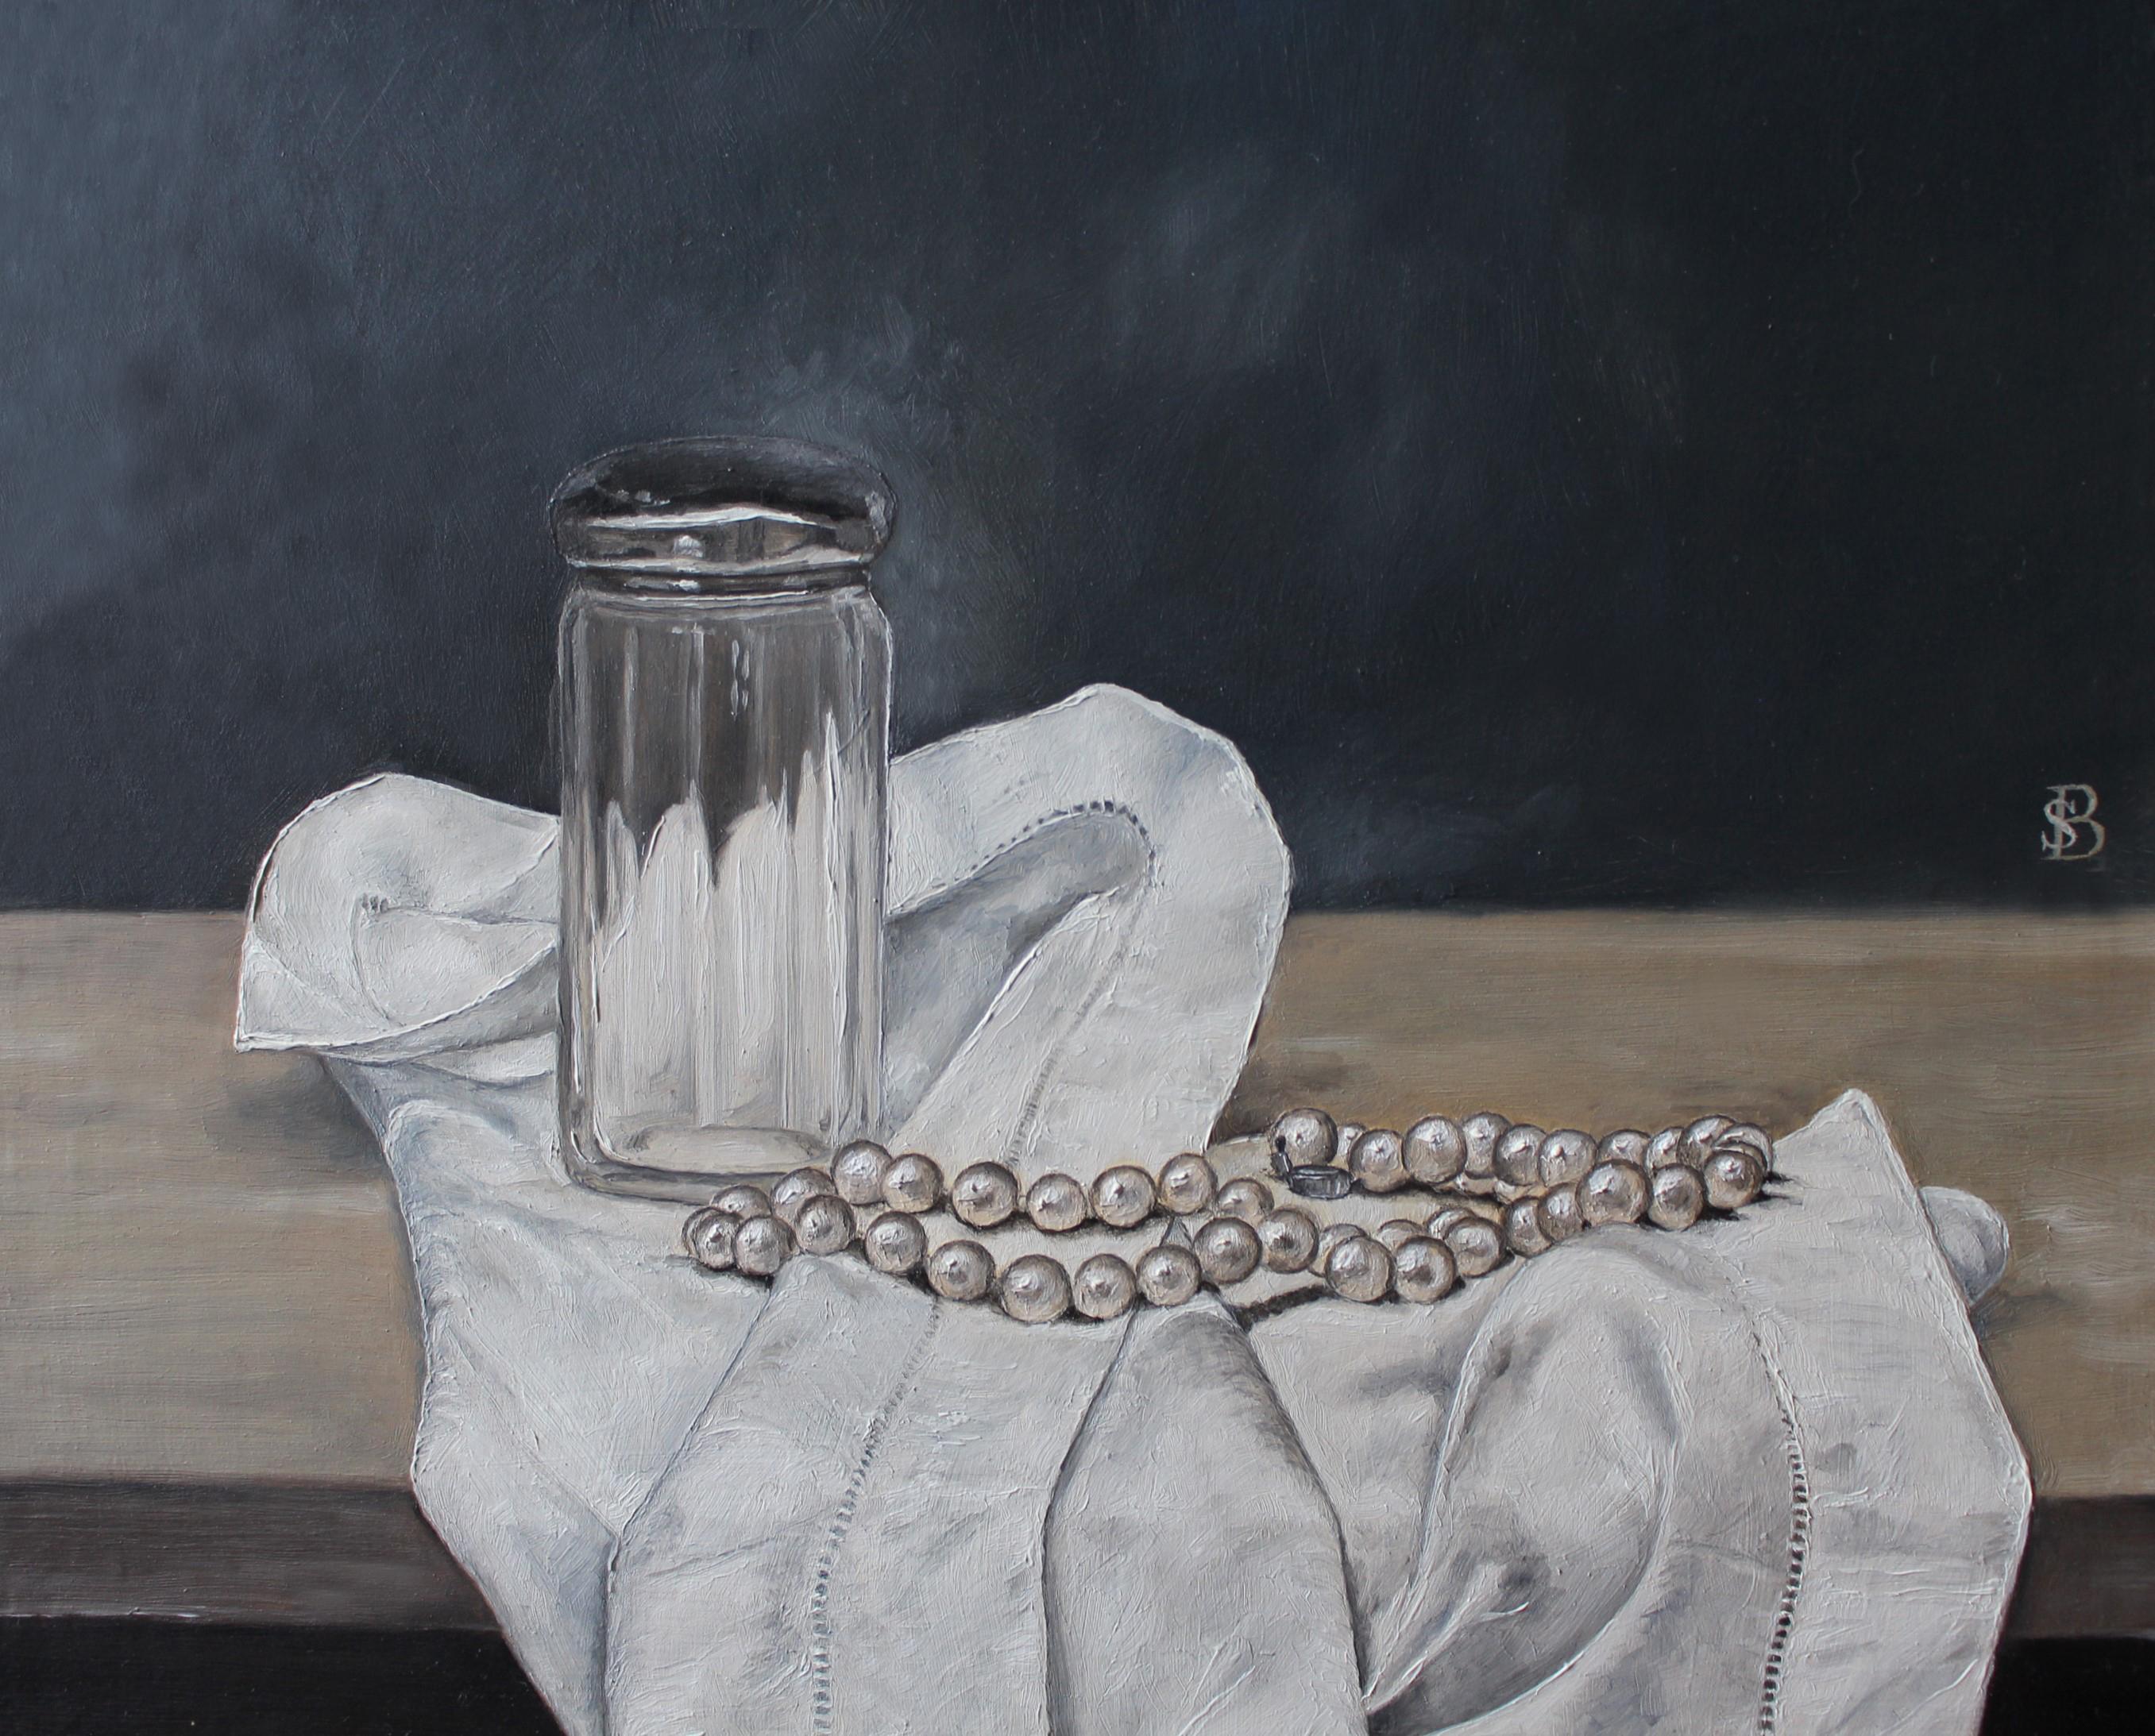 GLASS JAR, PEARLS & HANDKERCHIEF